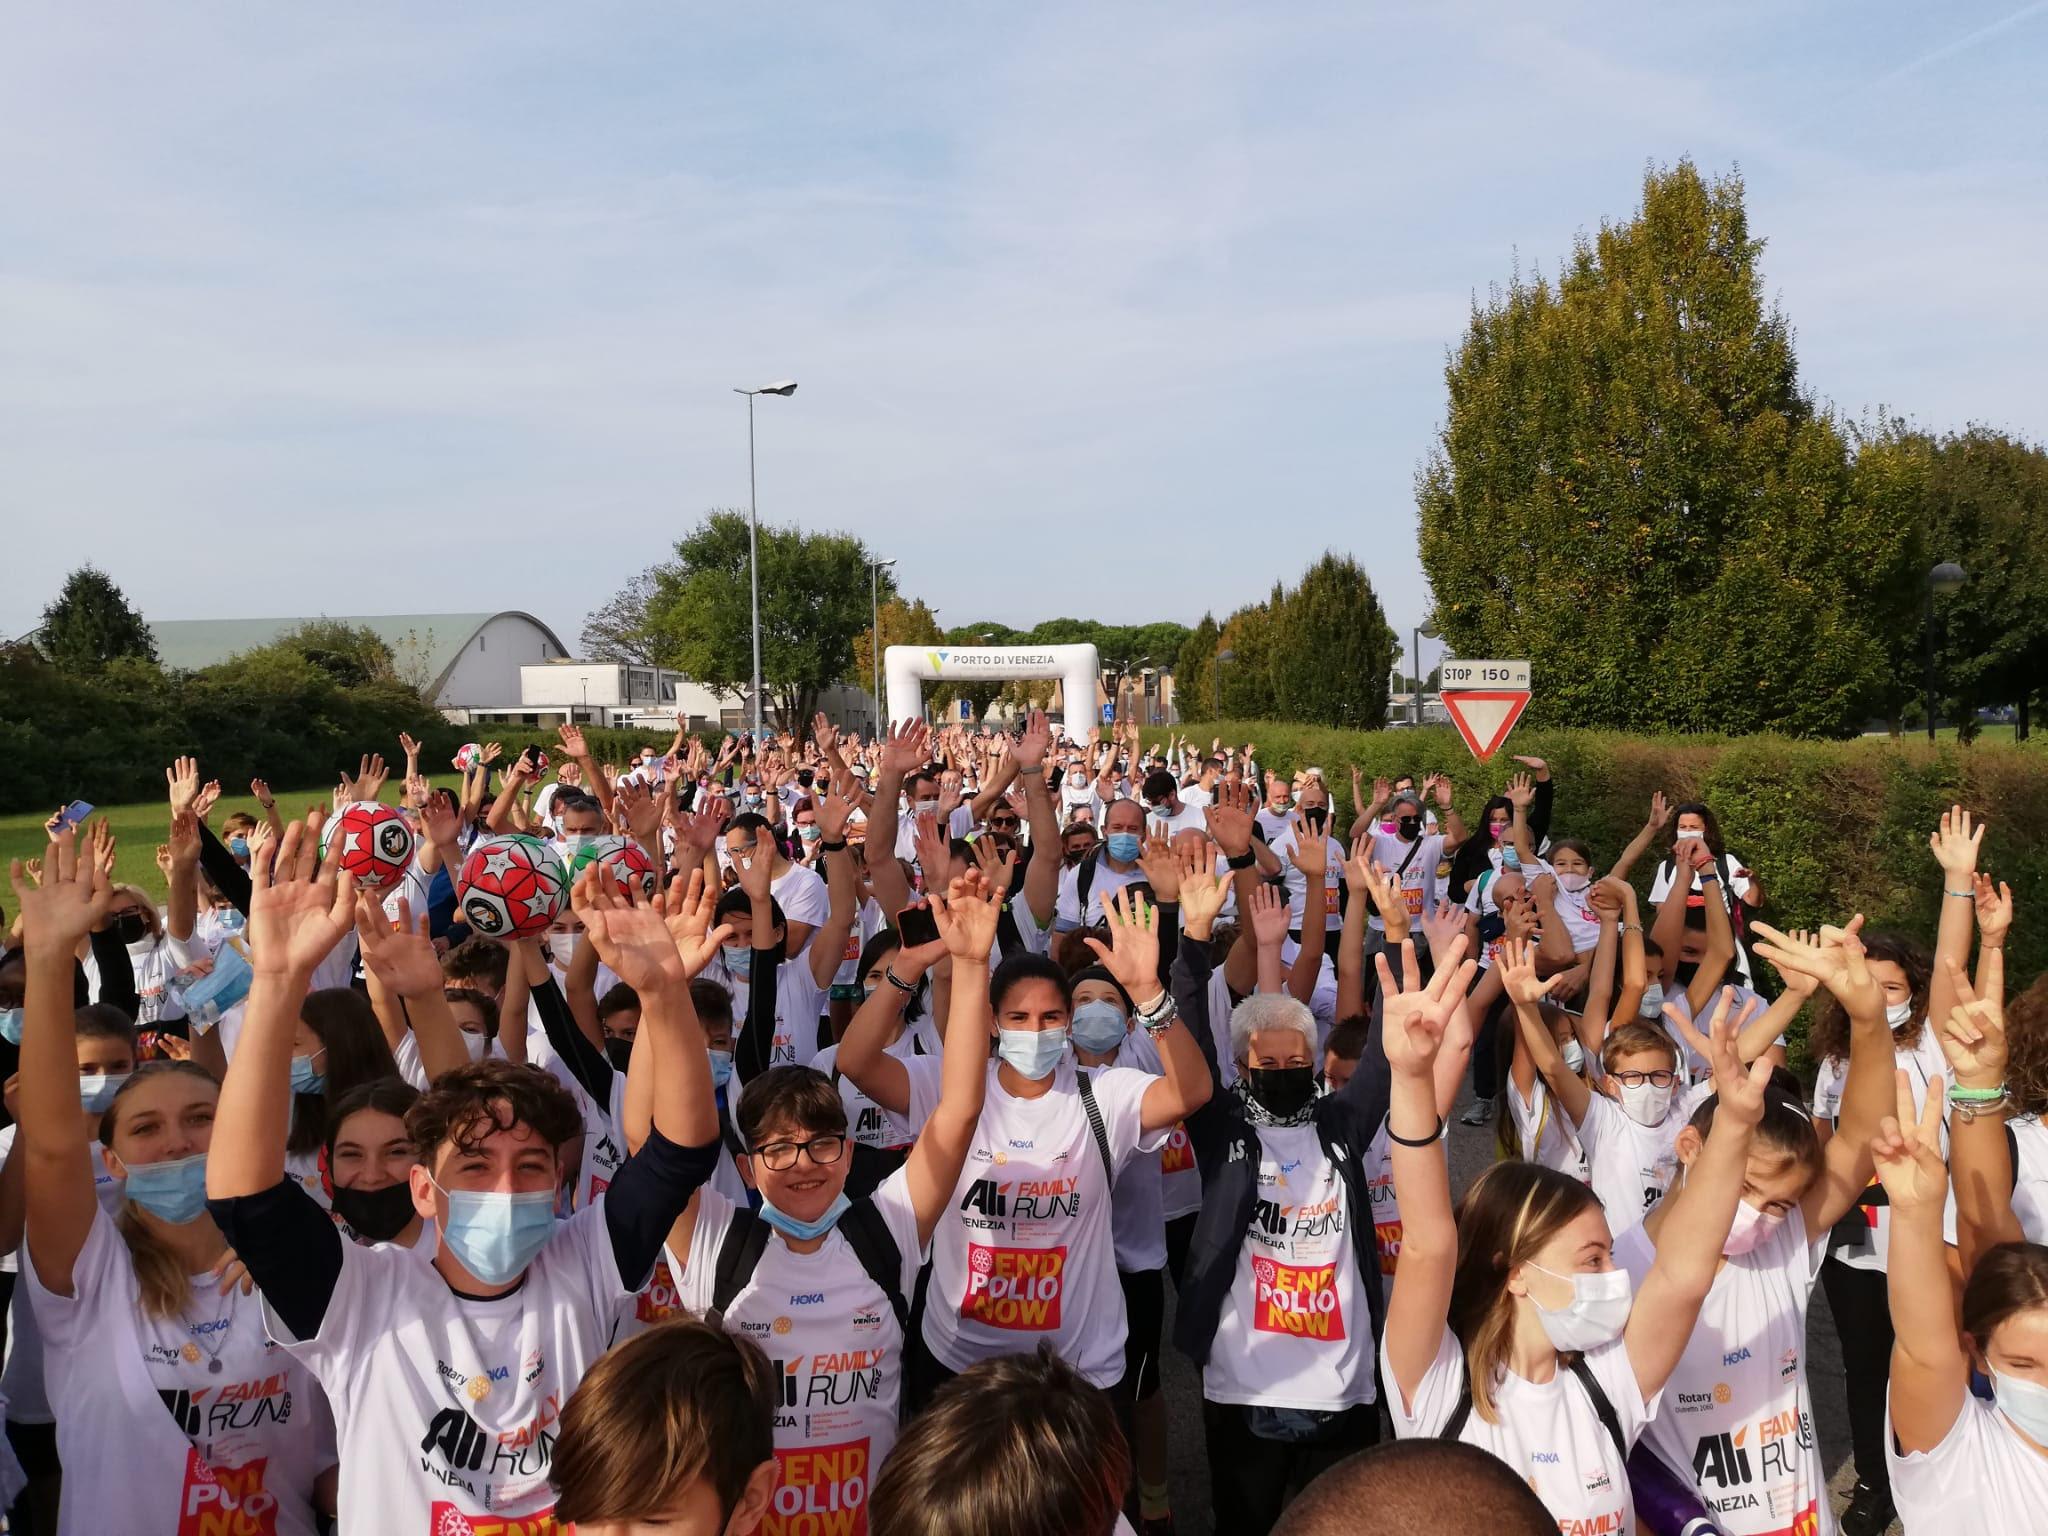 1.500 questa mattina a San Donà di Piave per Alì Family Run